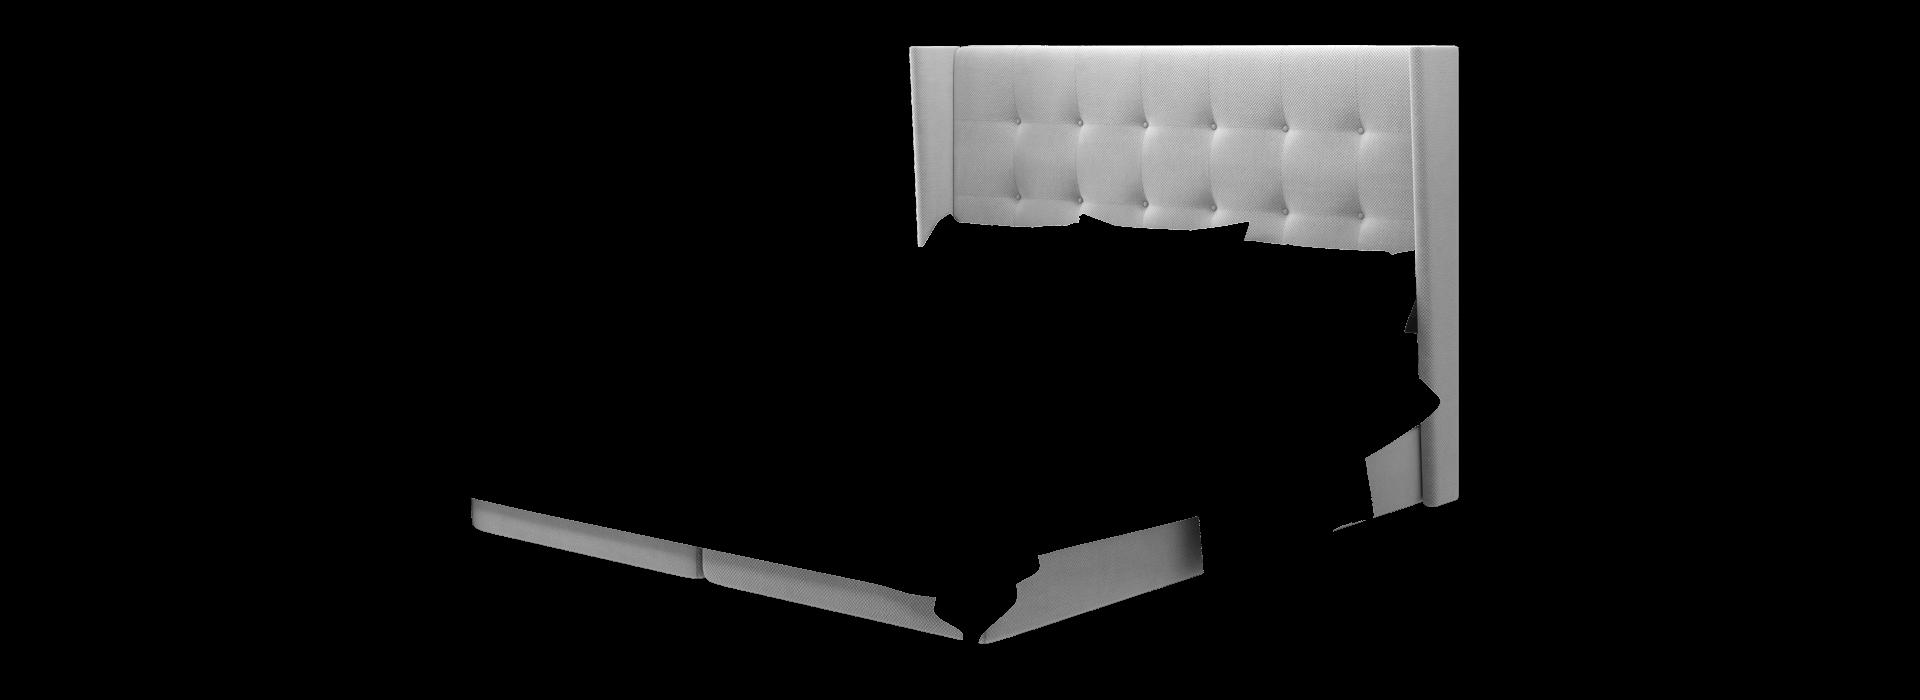 Грета 1.8 кровать box spring - маска 4